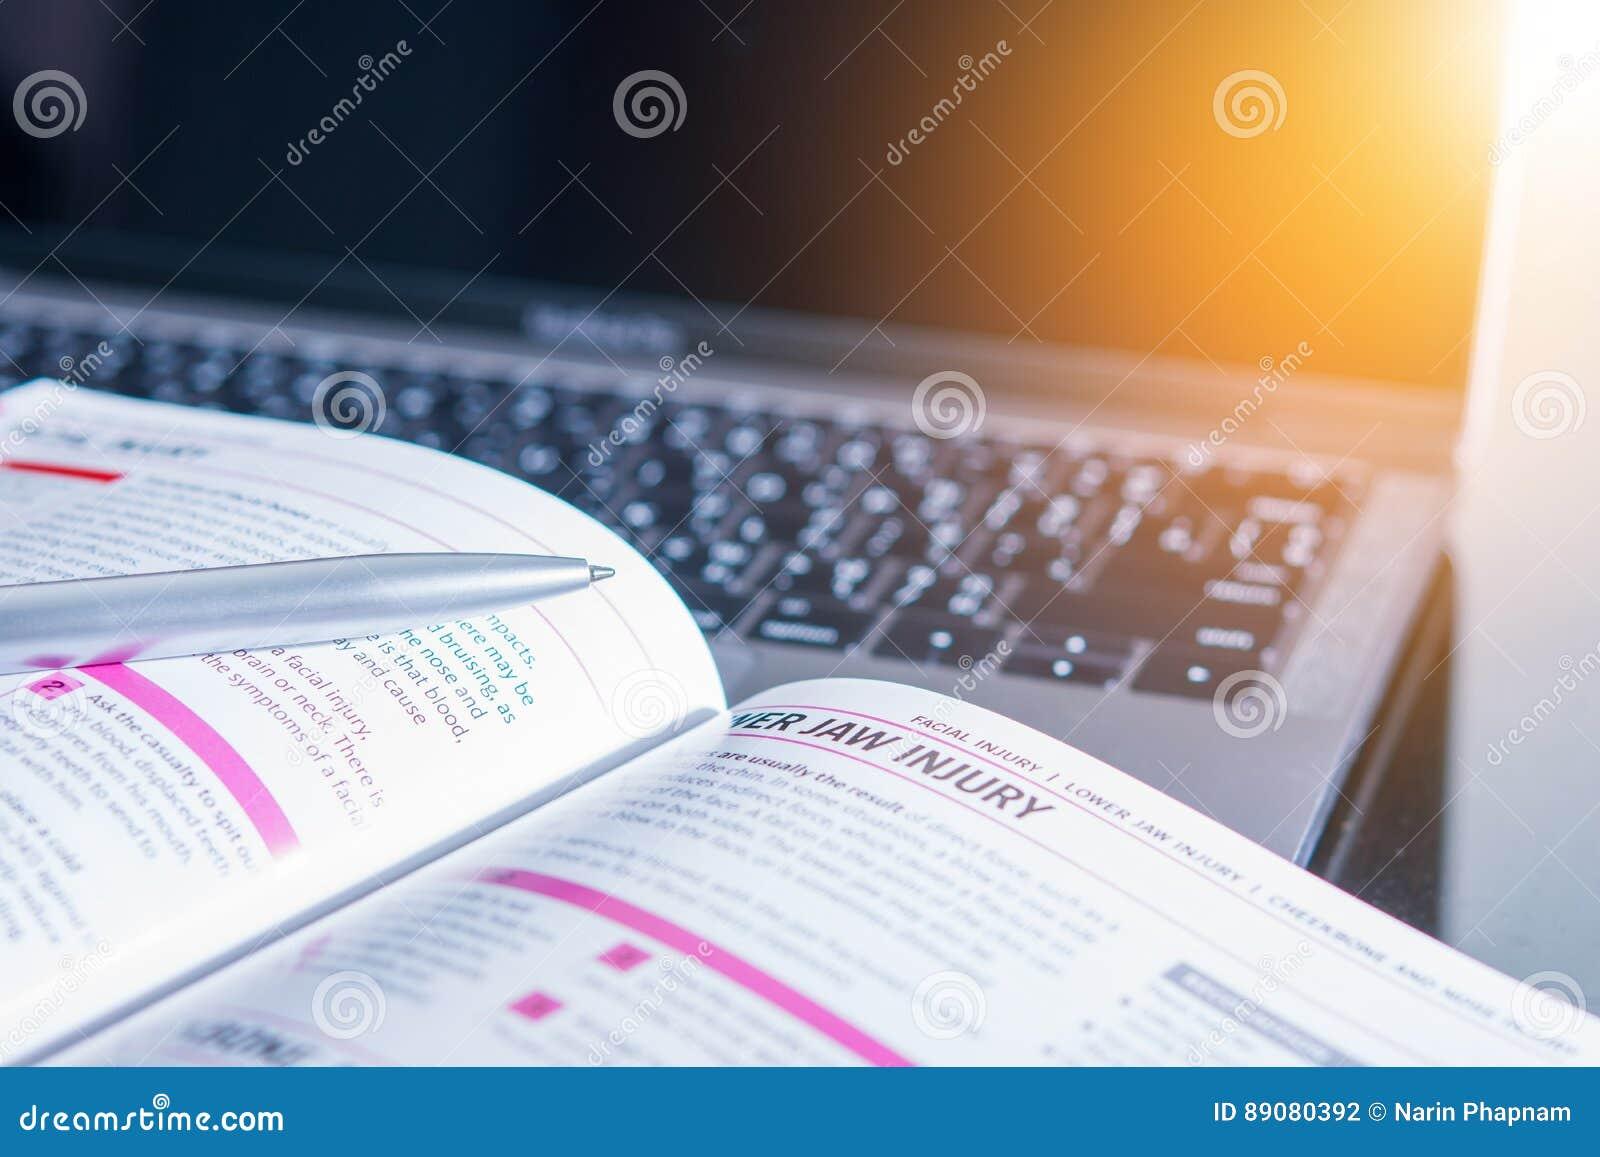 Livre médical sur l ordinateur portable